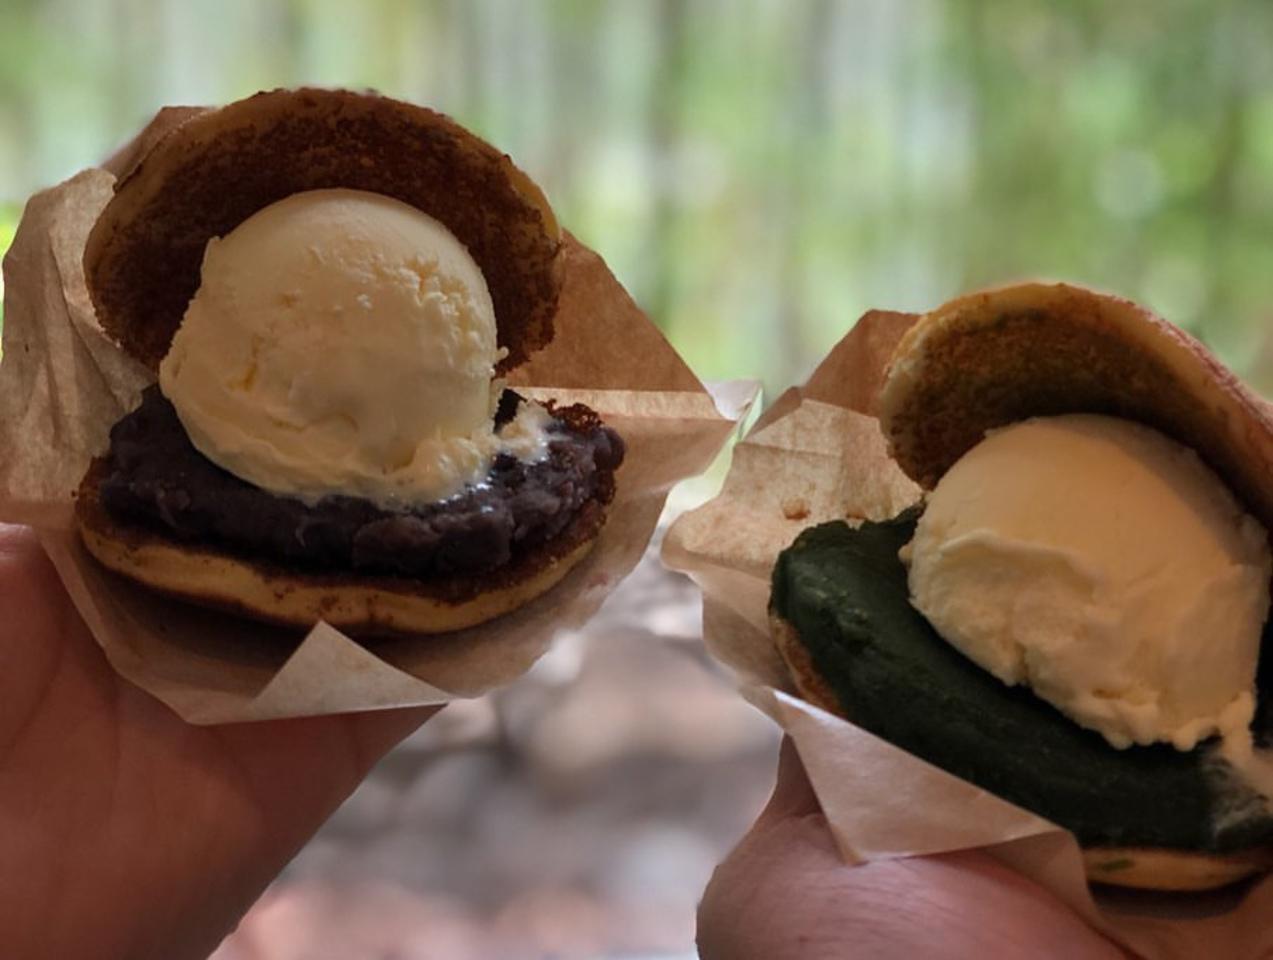 京都嵐山に自家焙煎所を併設したカフェ「オカフェkyoto嵐山」本日オープン!